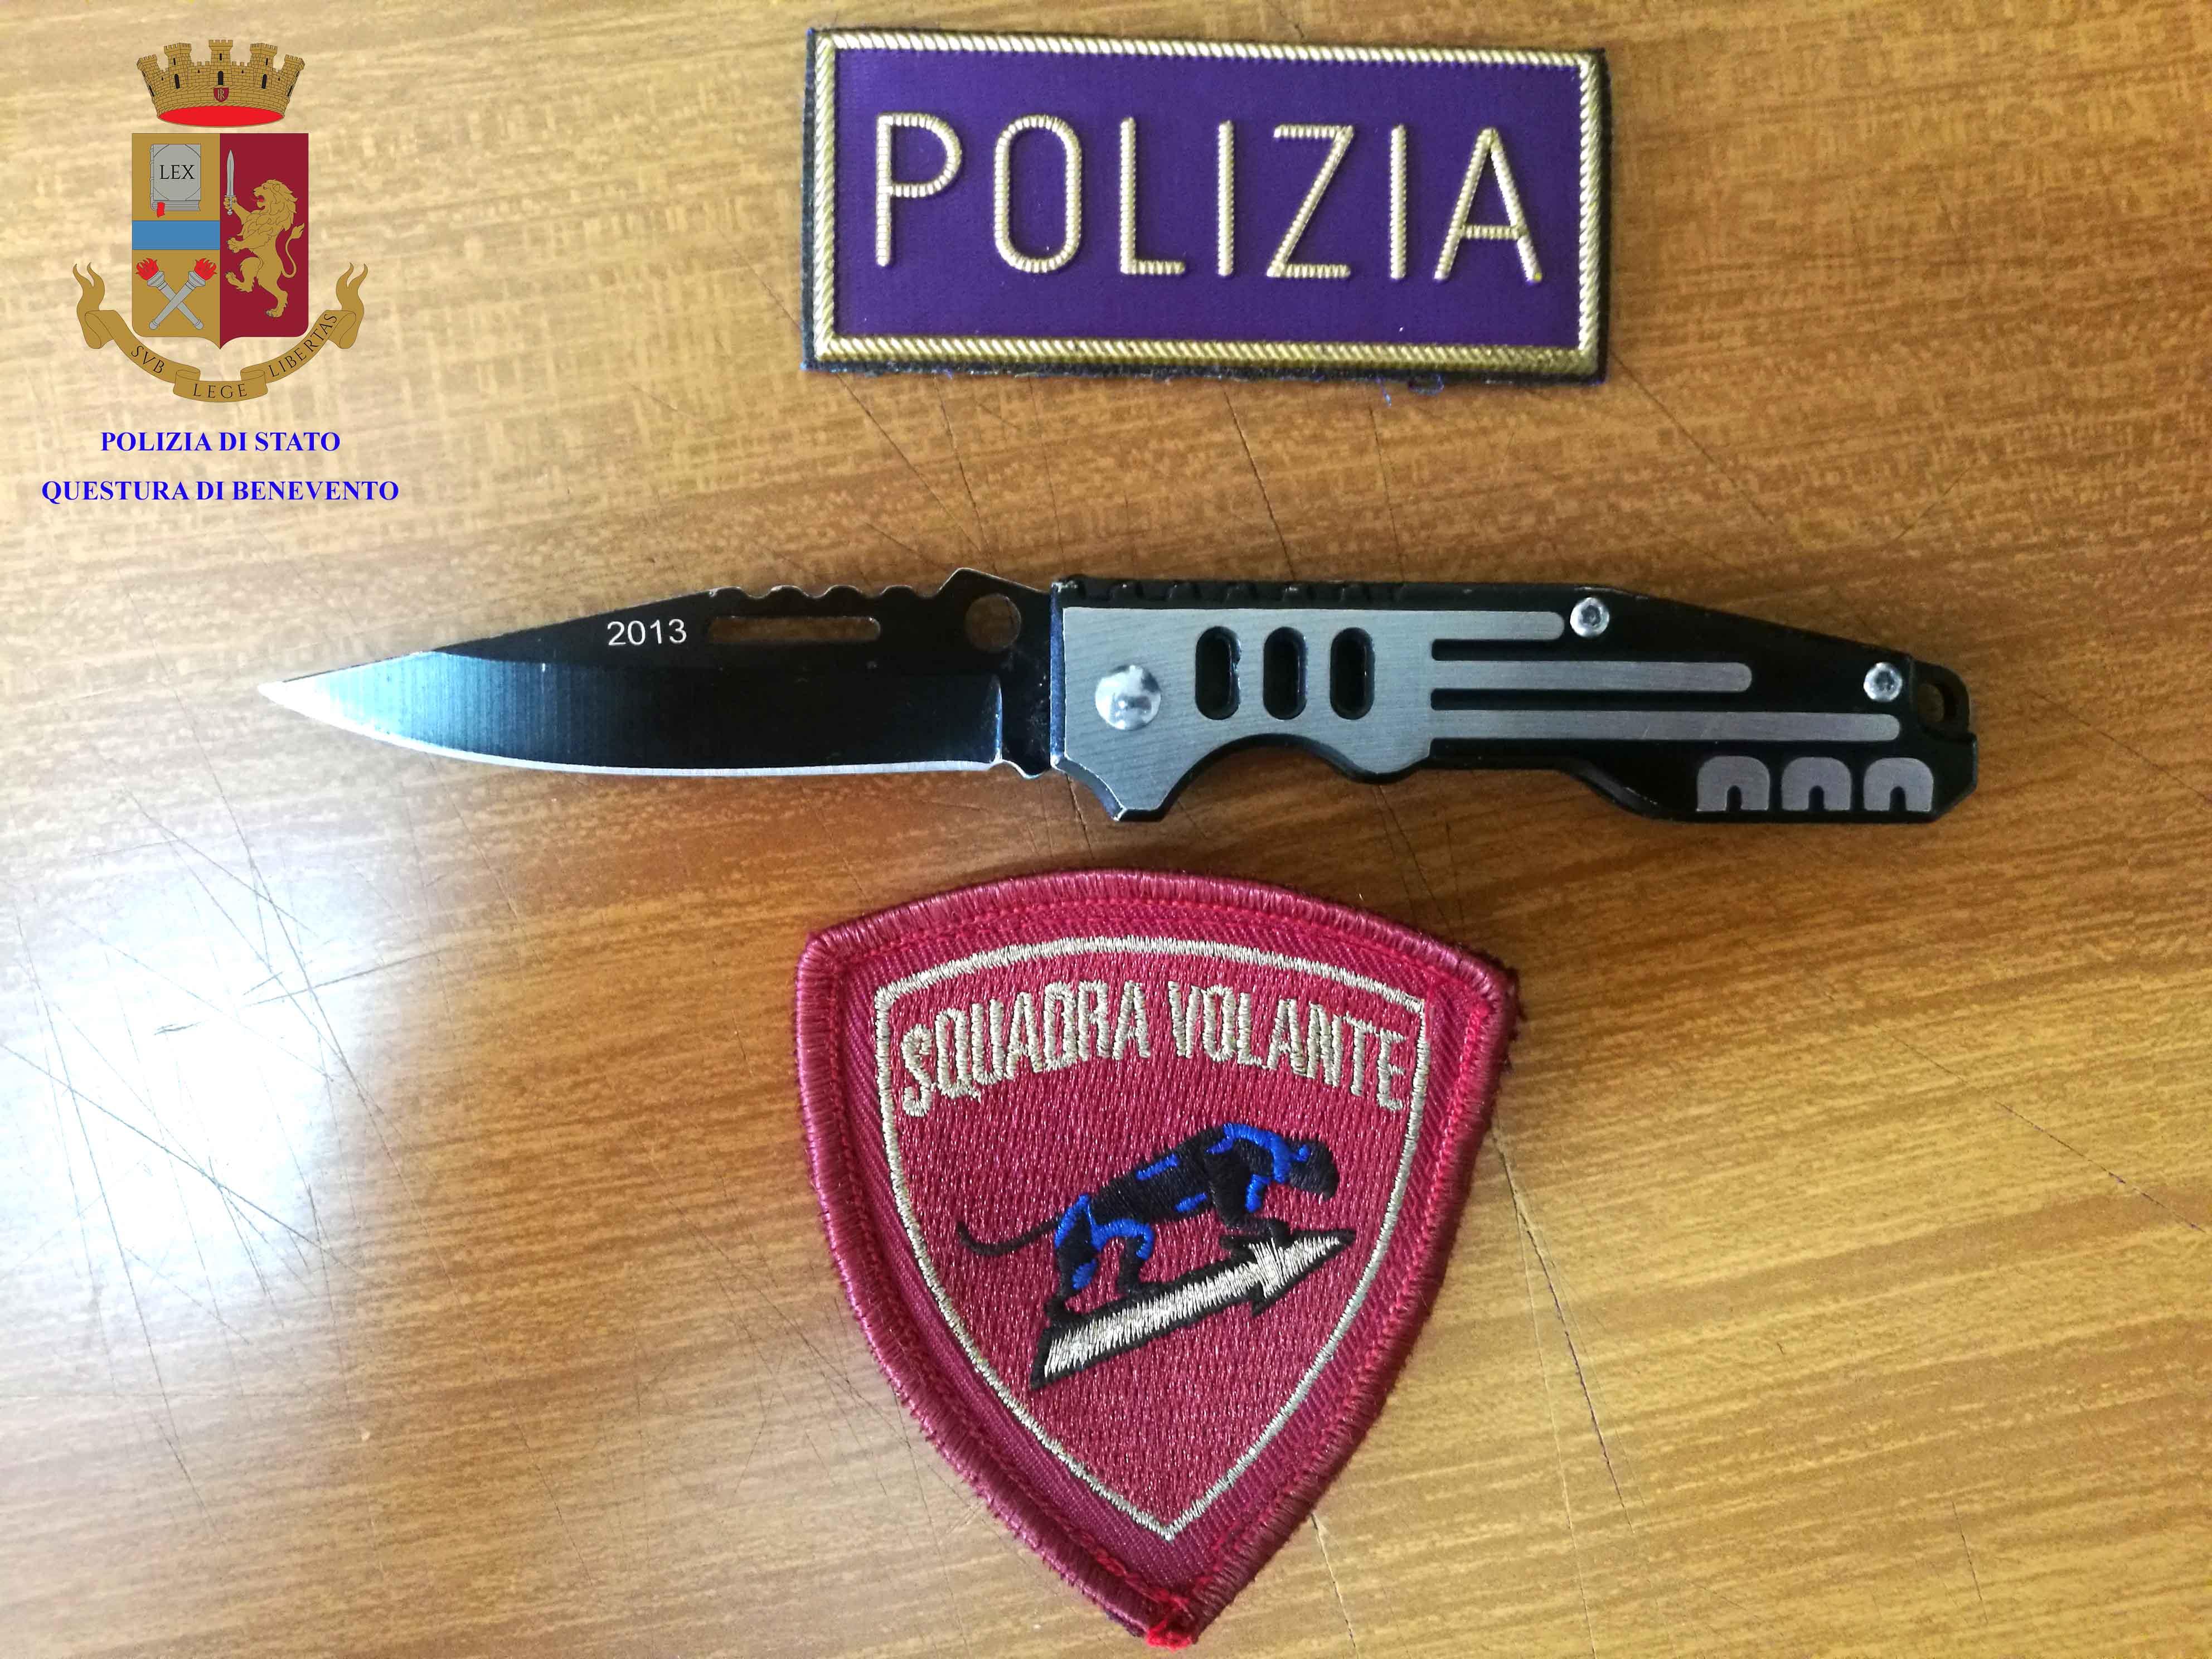 Trovato in possesso di un coltello a Telese Terme, pluripregiudicato denunciato dalla Polizia di Stato